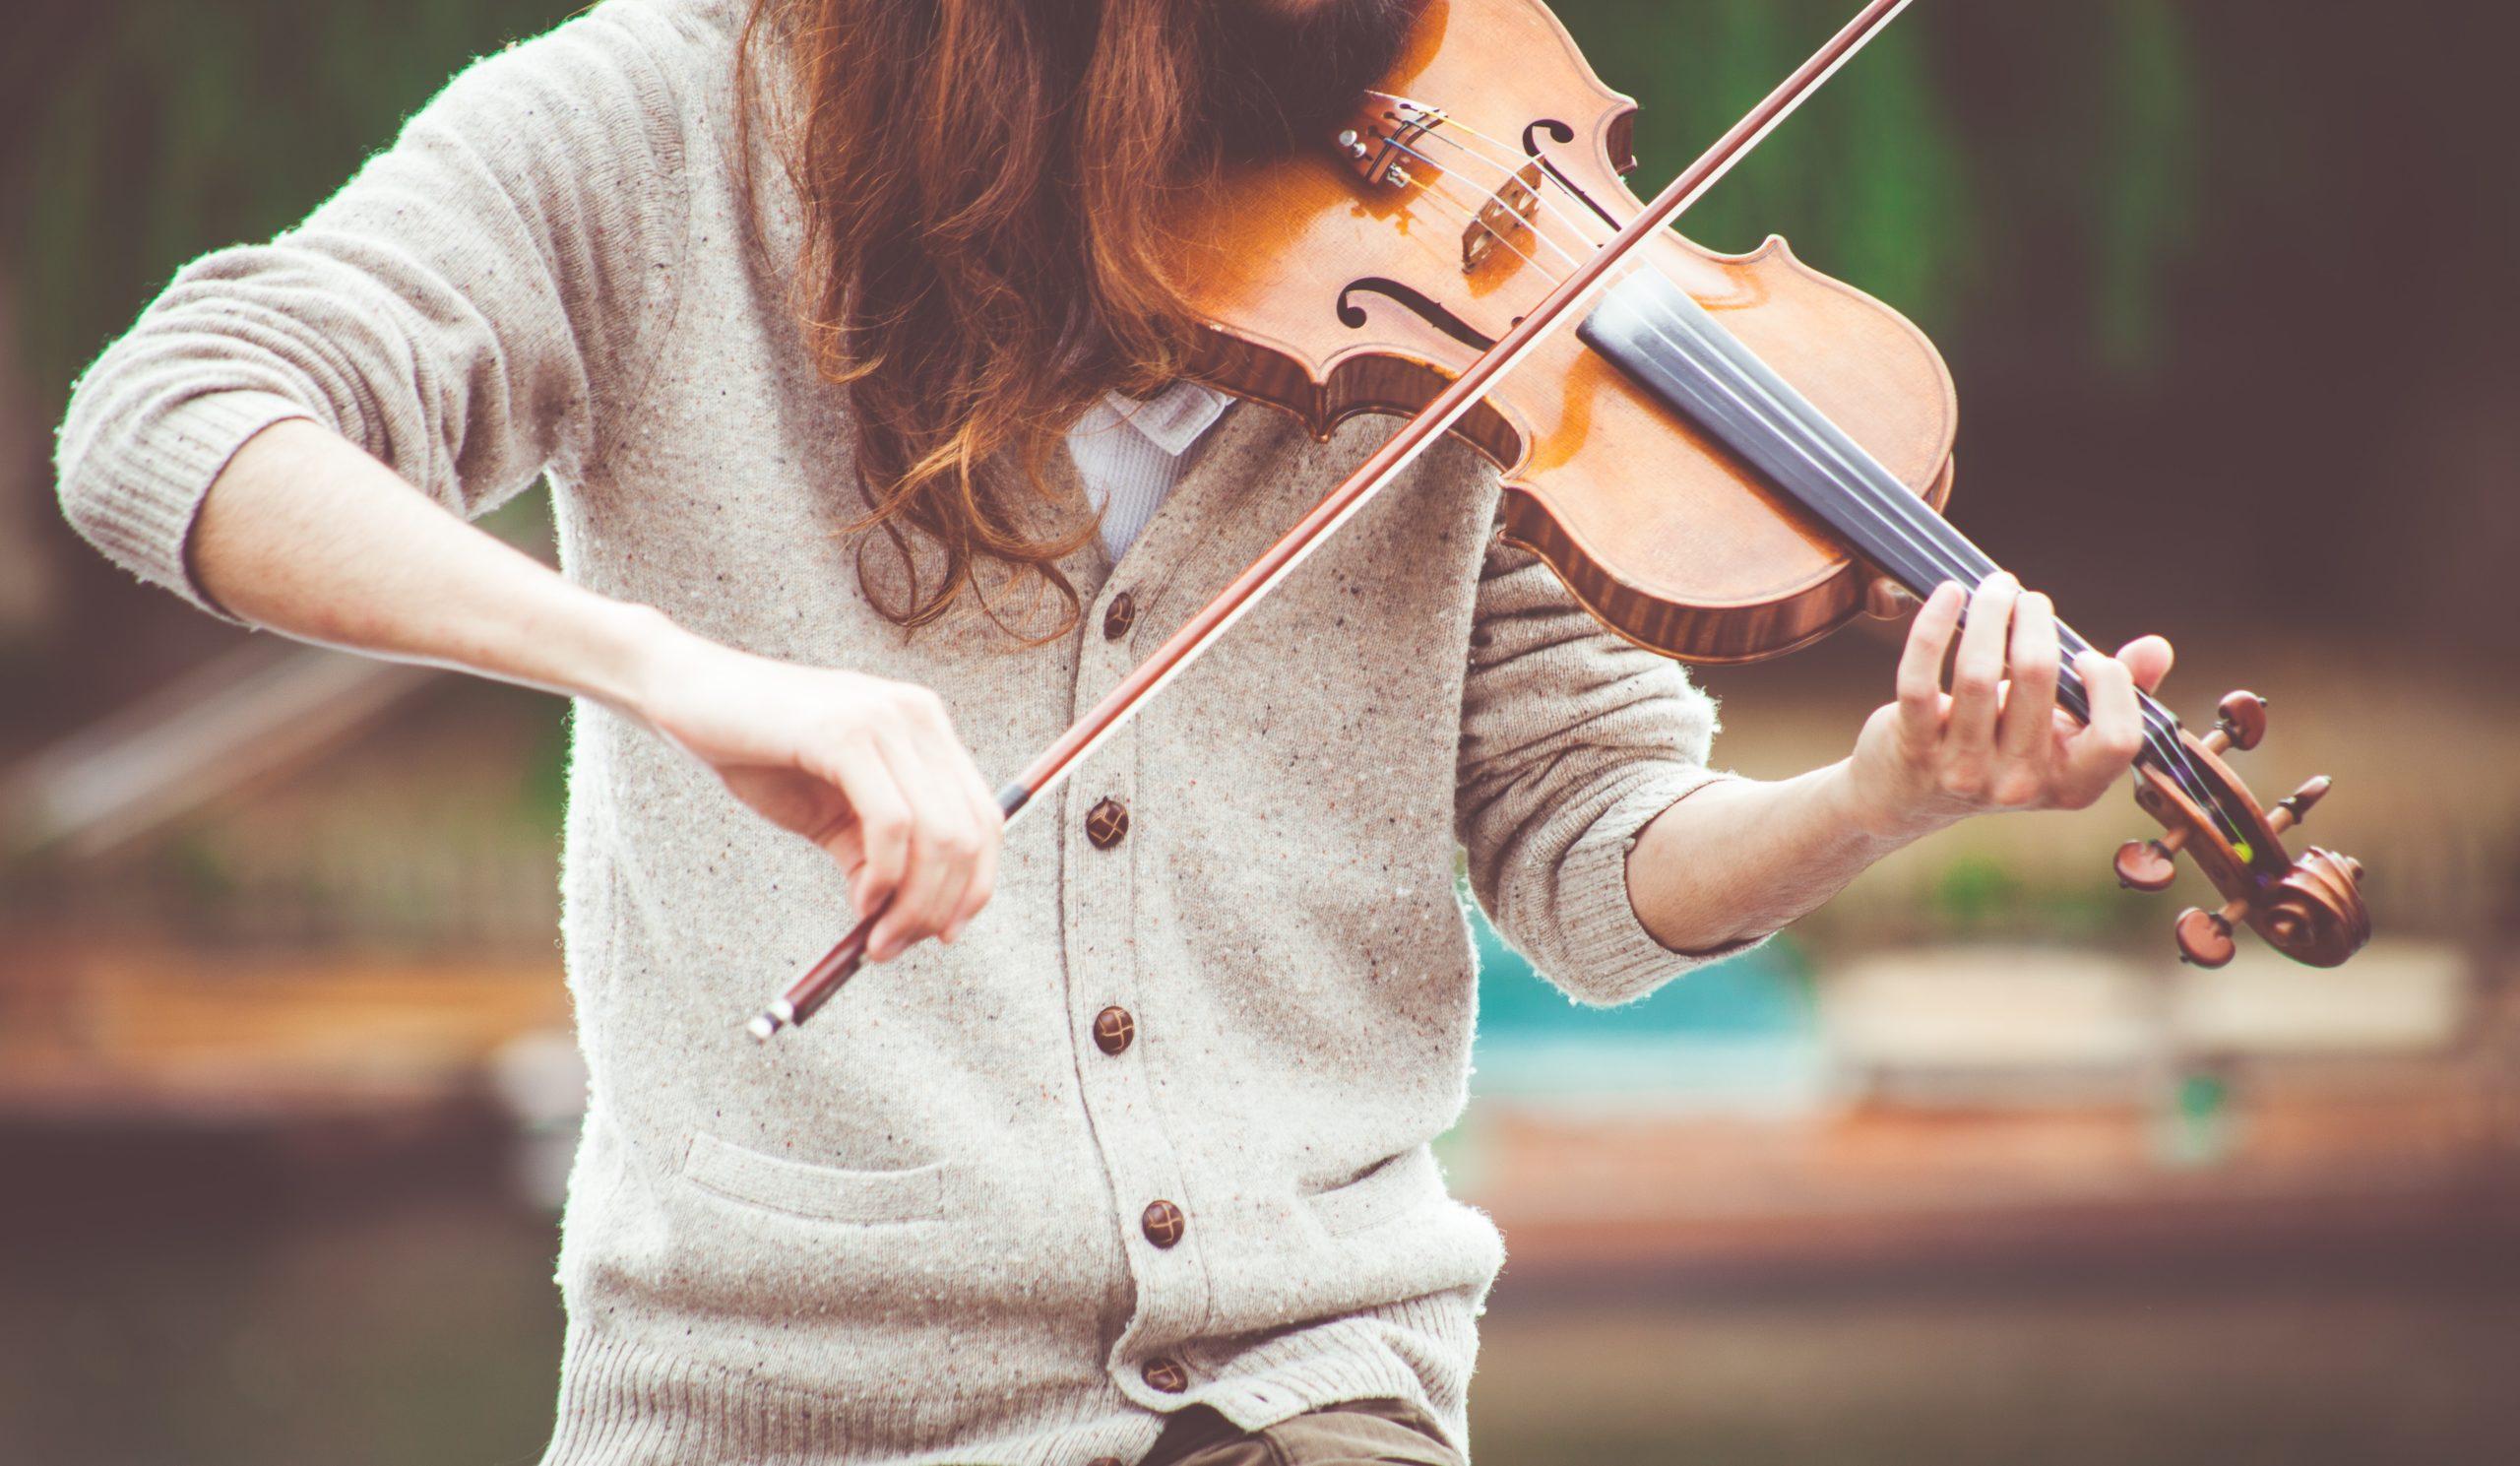 Zene a játszótéren